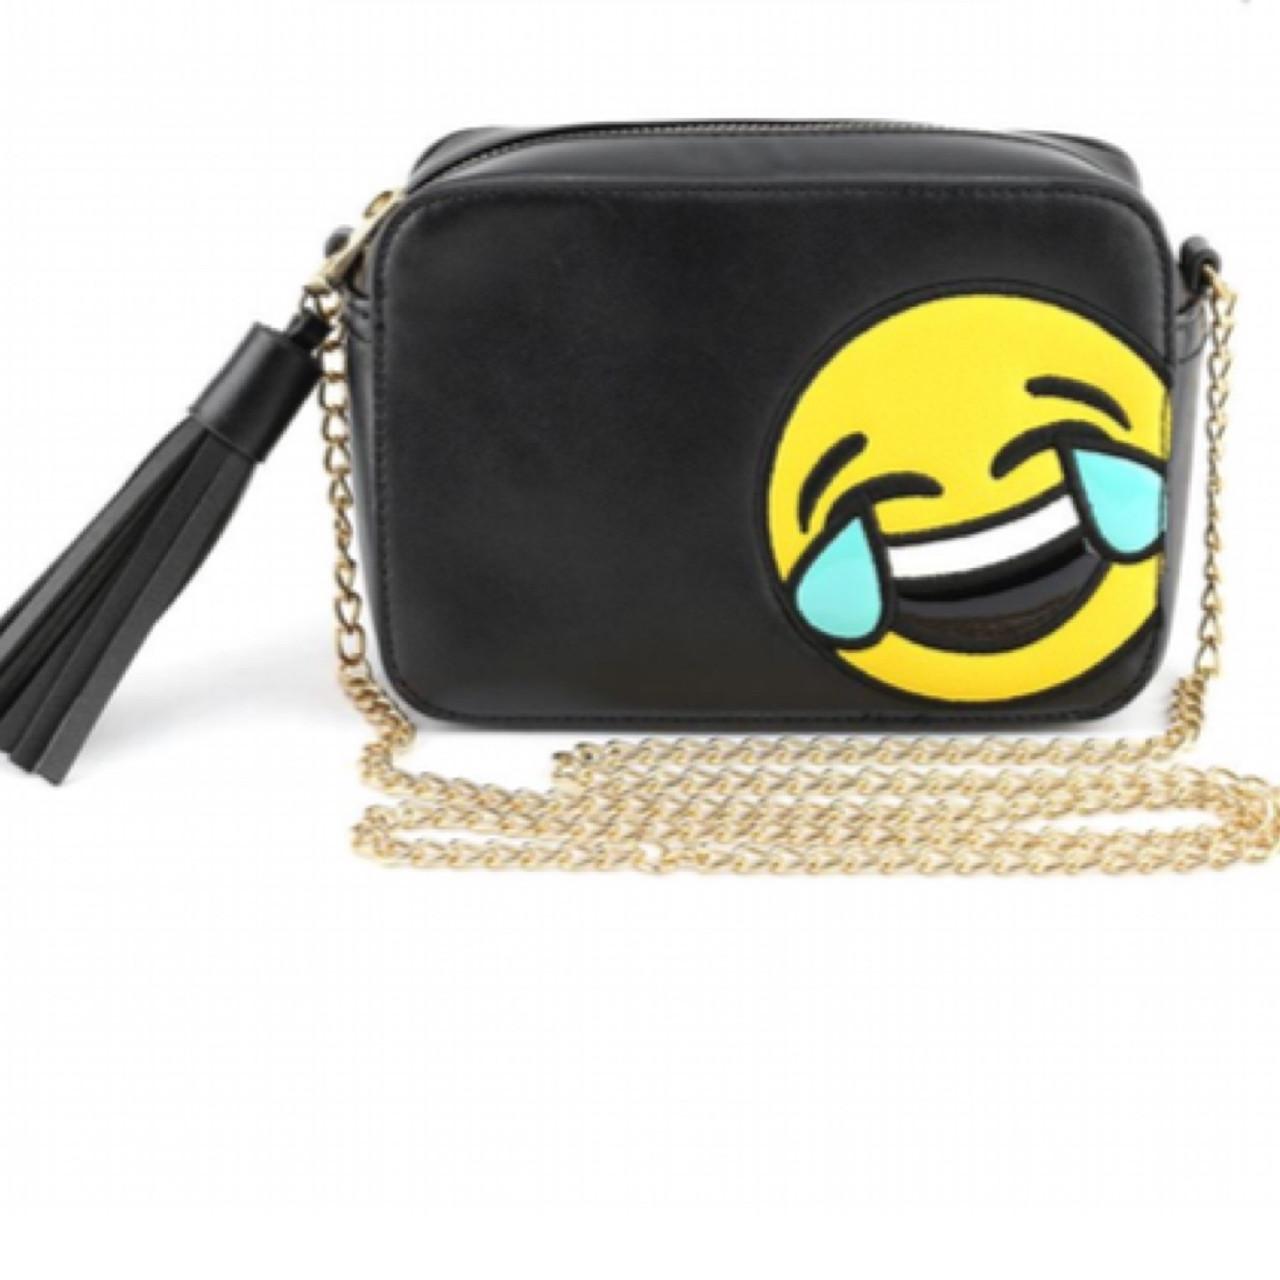 Tears of Joy Emoji - Black